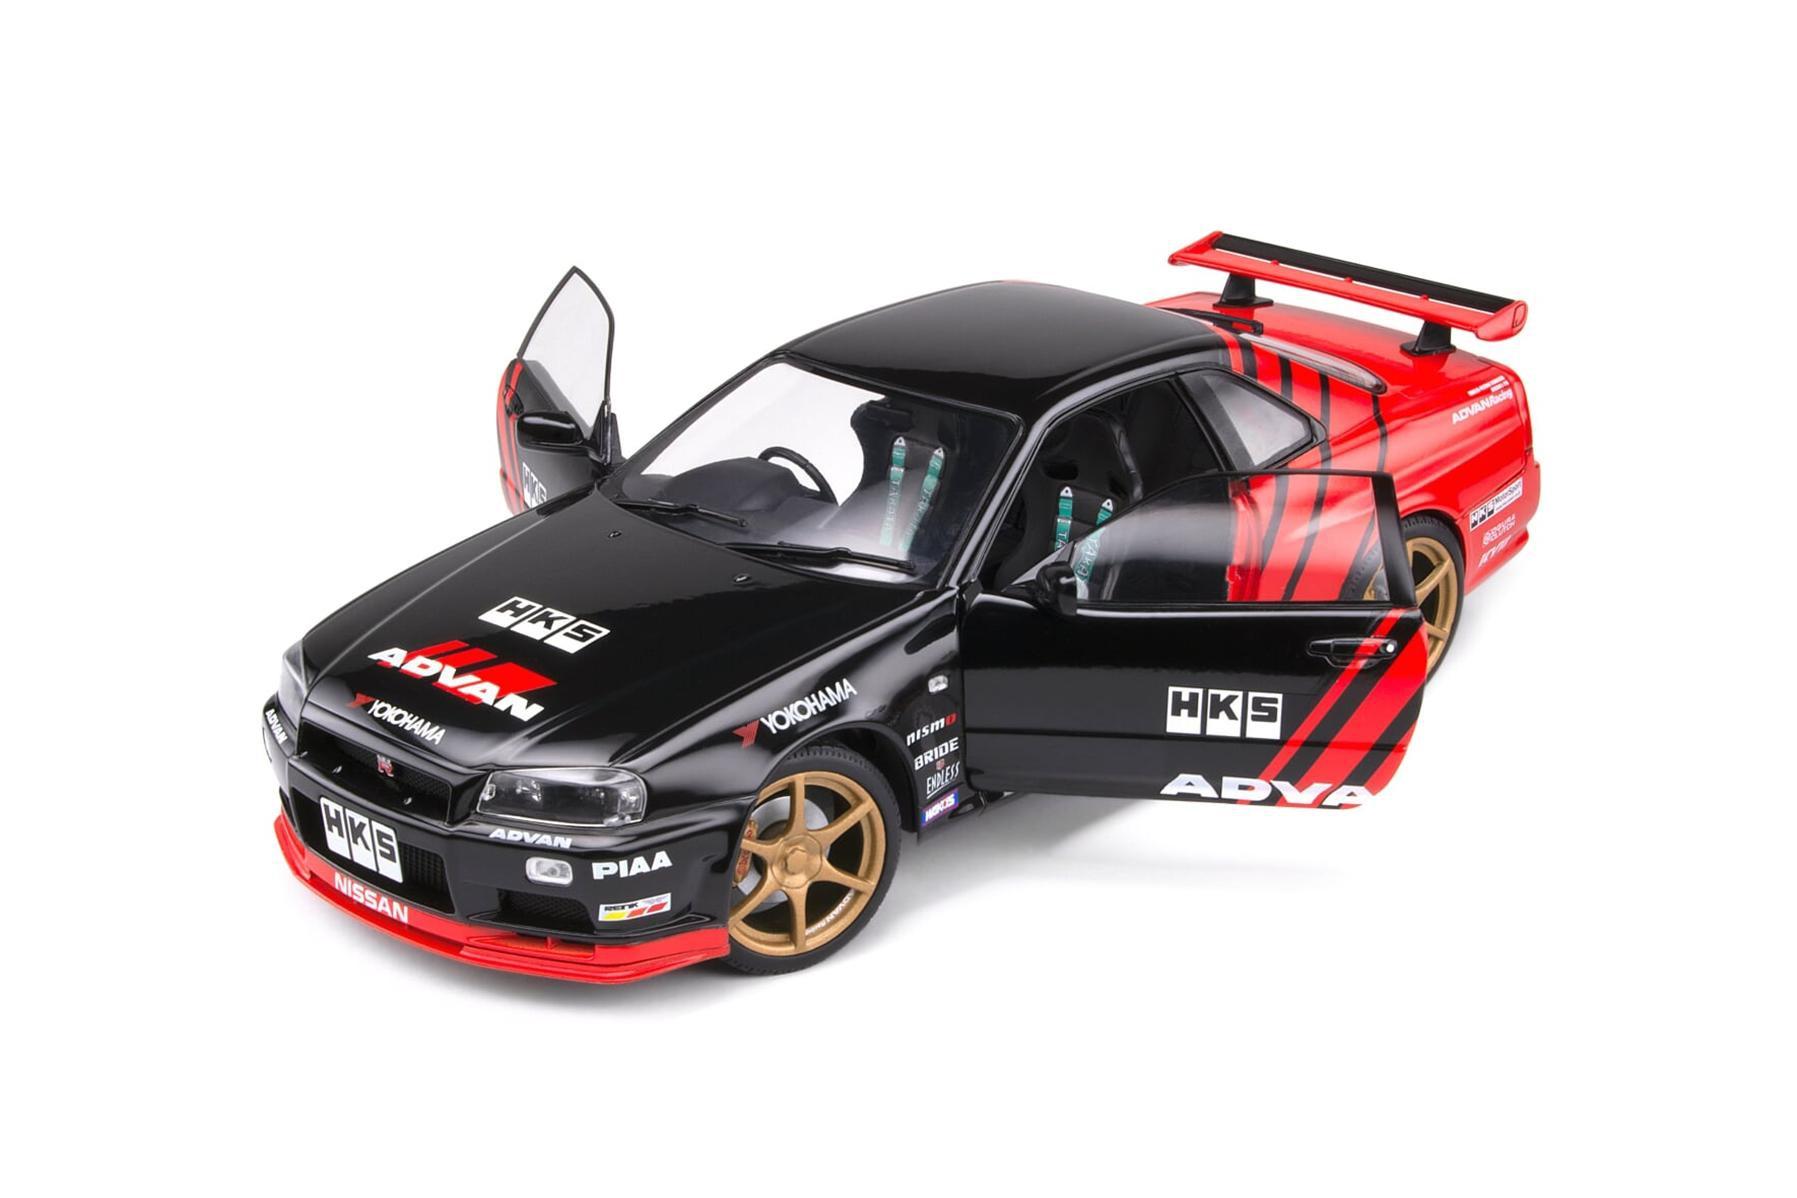 Nissan R34 GTR - Advan Drift